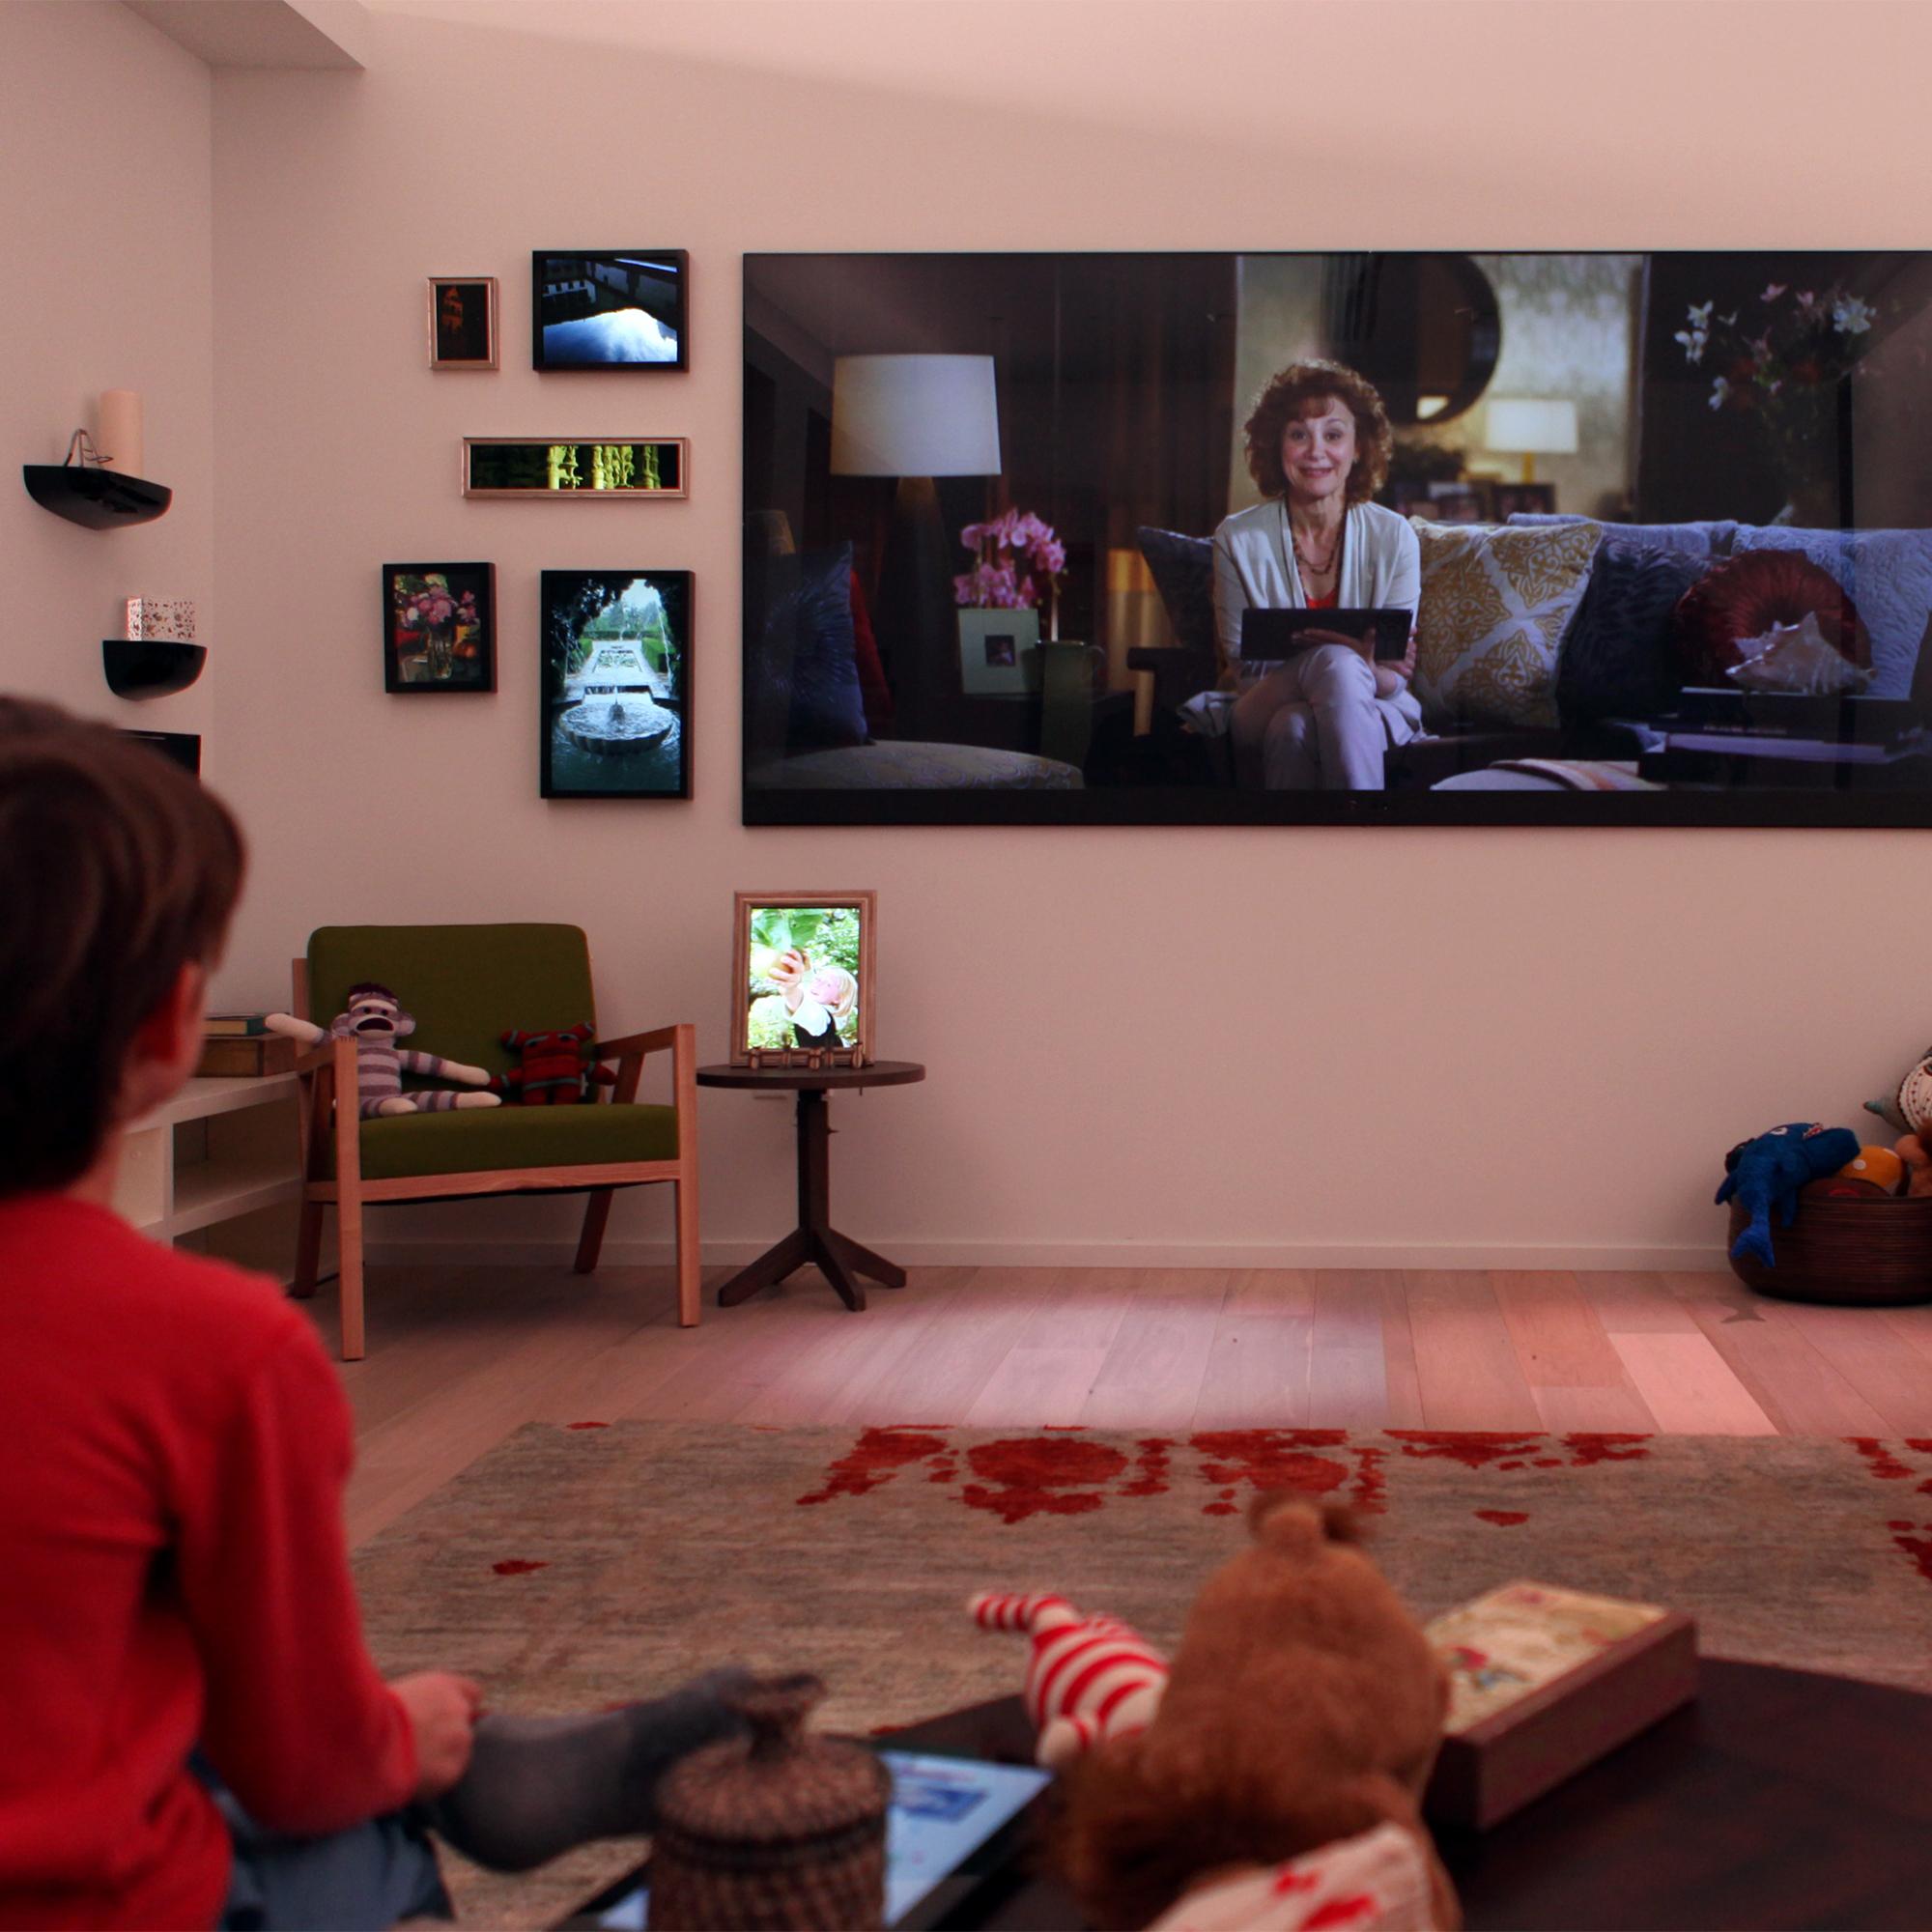 Interactive Storyworld at Microsoft's Envisioning Center